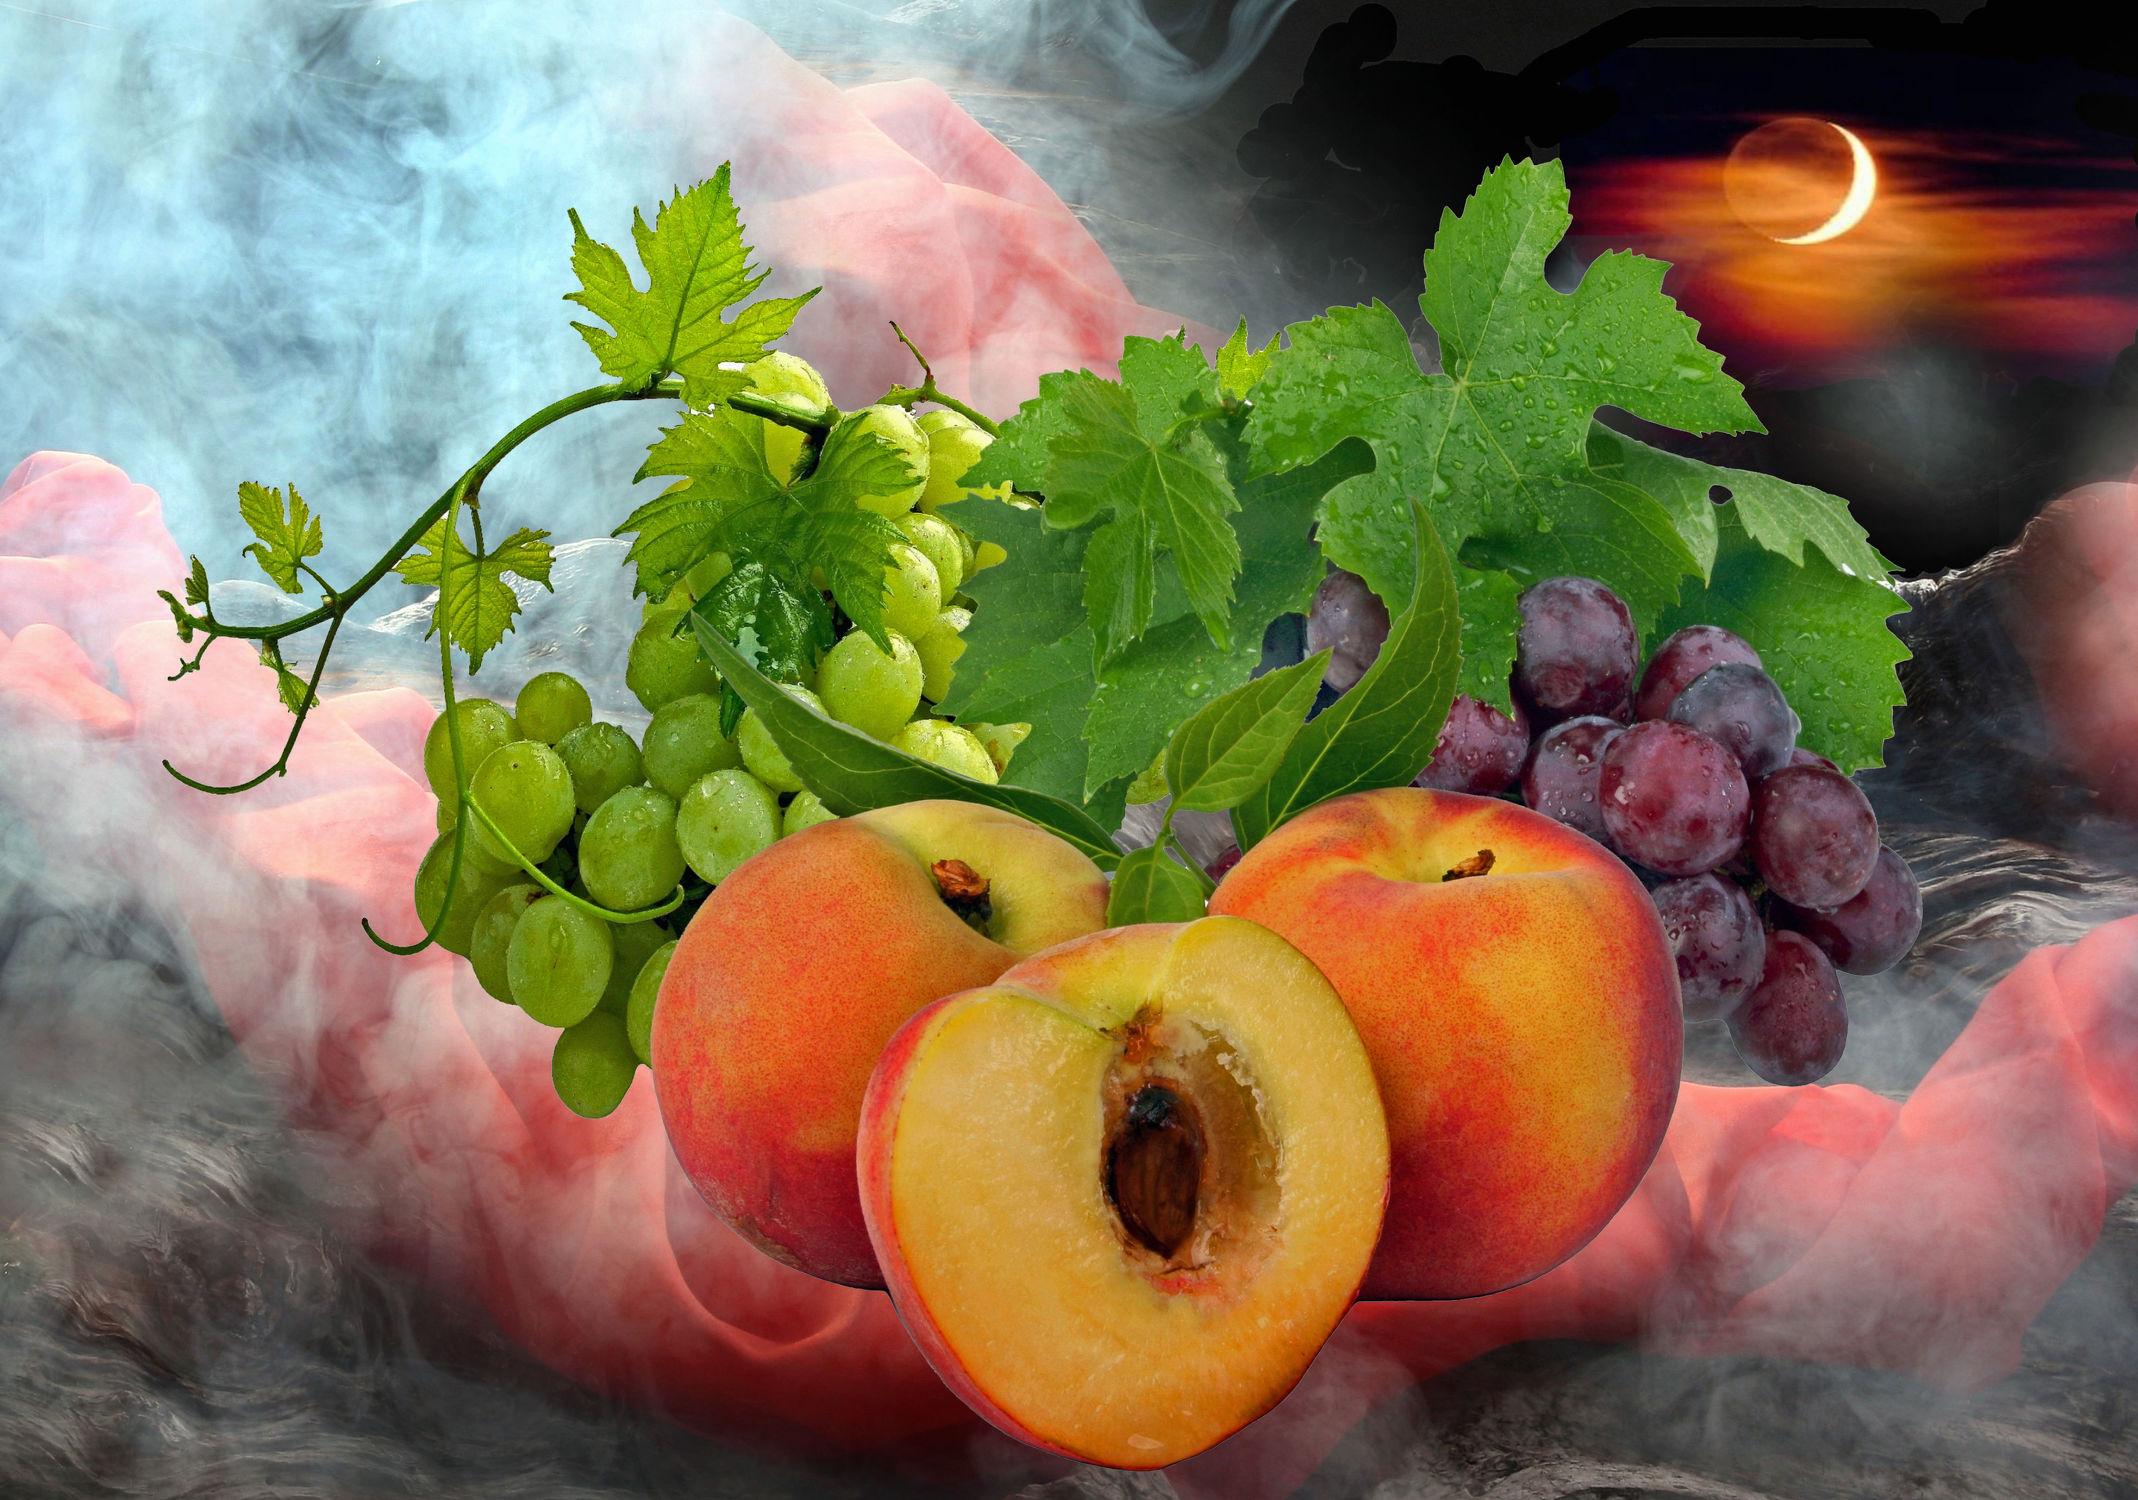 Bild mit Himmel, Wolken, Früchte, Pfirsiche, Nebel, Sonne, Obst, Weintrauben, Pfirsich, weinblätter, weinlaub